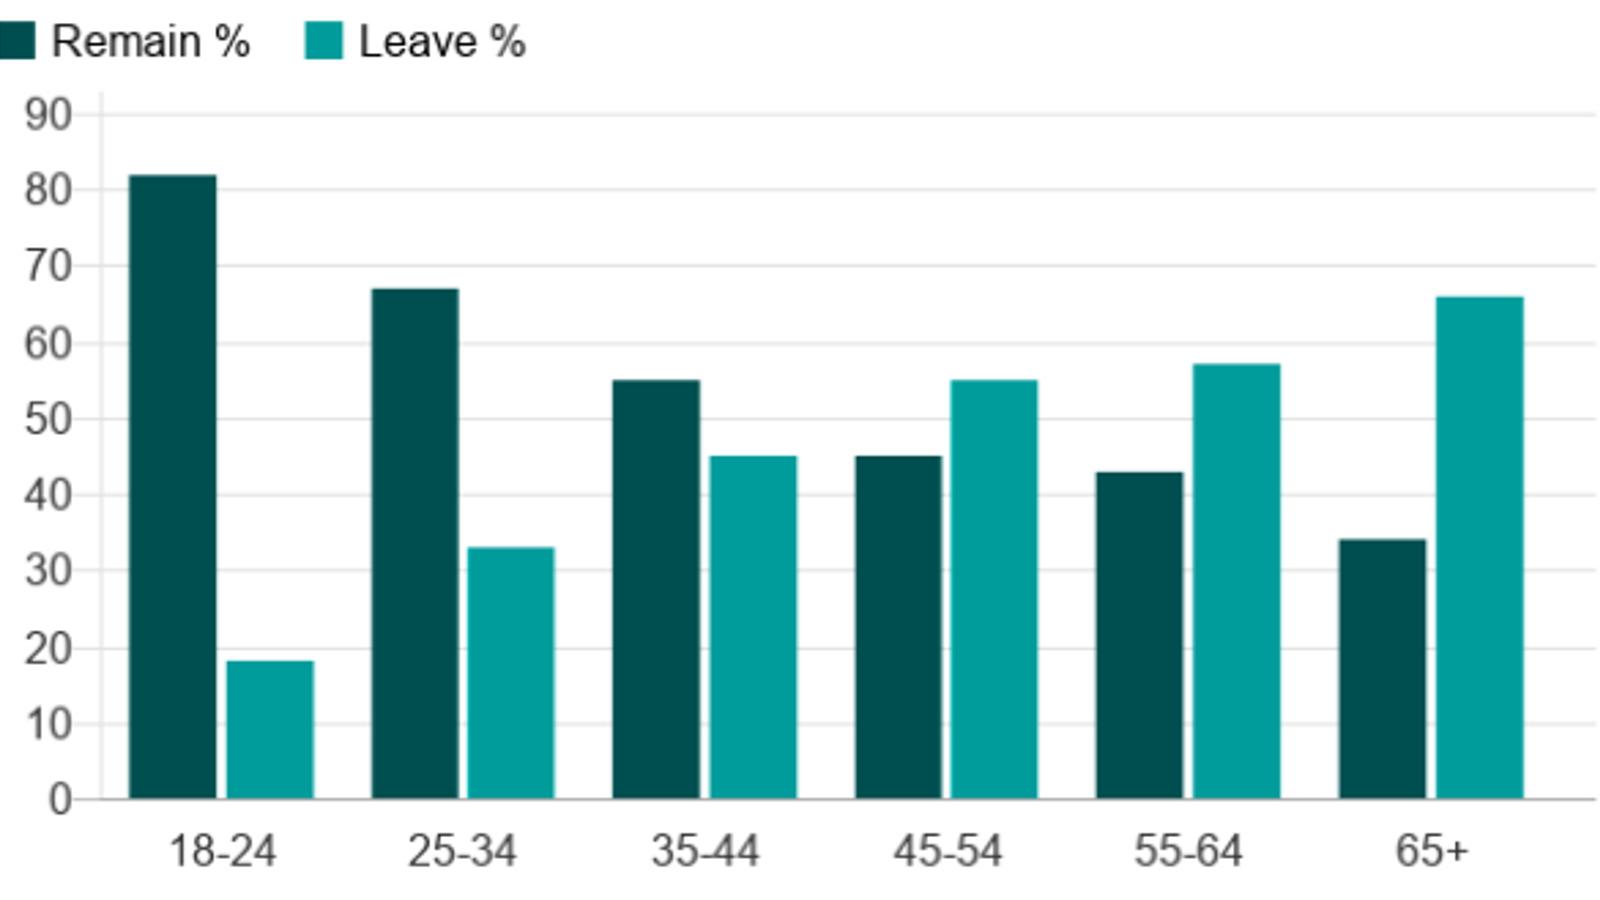 Gràfic d'una enquesta de 2018, sobre el vot per edats en el refer]endum del Brexit